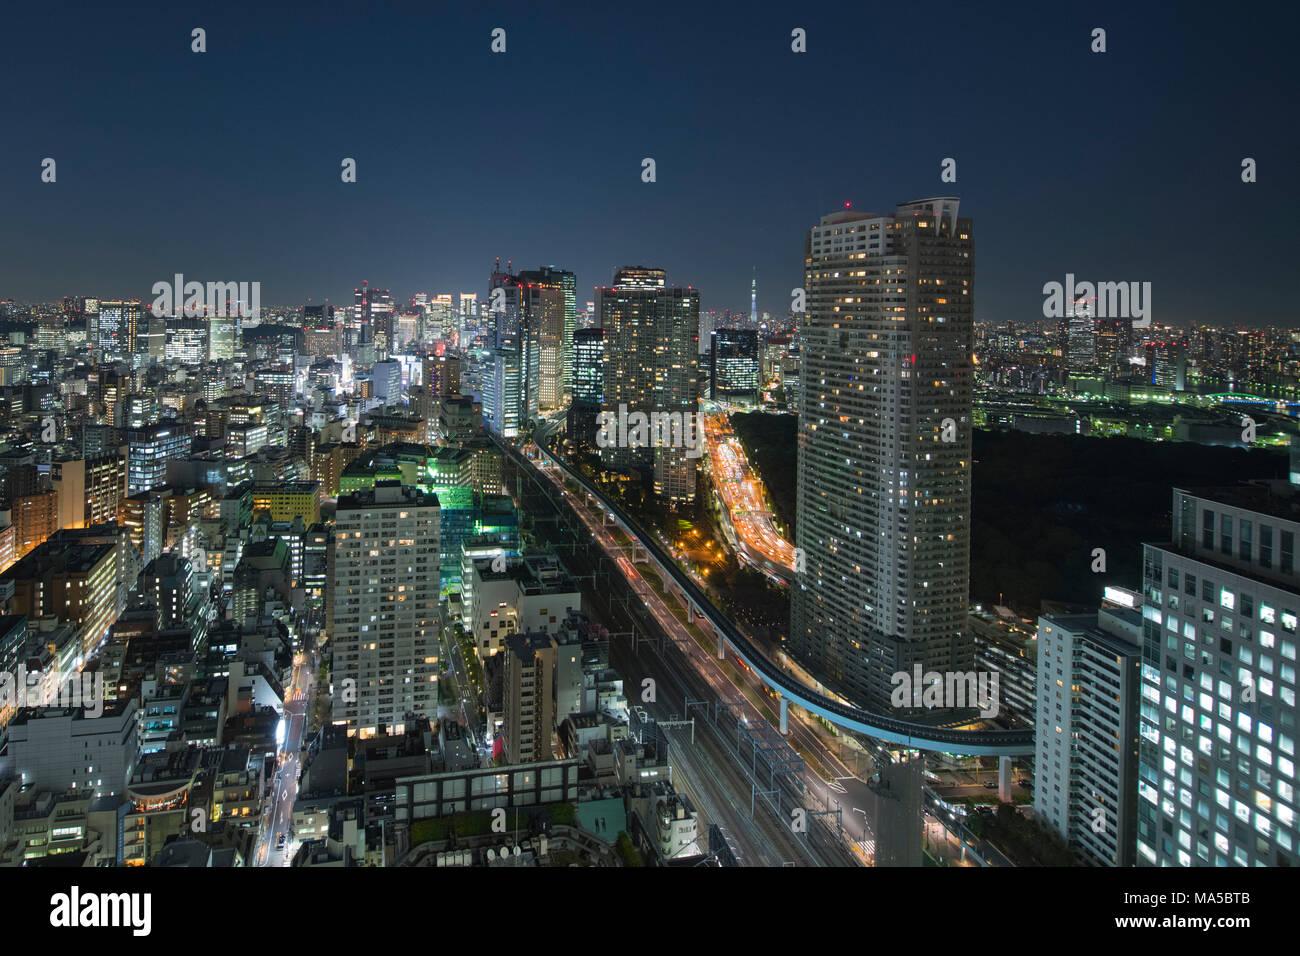 Asia, Japón Nihon, Nippon, Tokio, descripción de la ciudad, el estadio de Hamamatsucho, vista desde el World Trade Center de Tokio Imagen De Stock